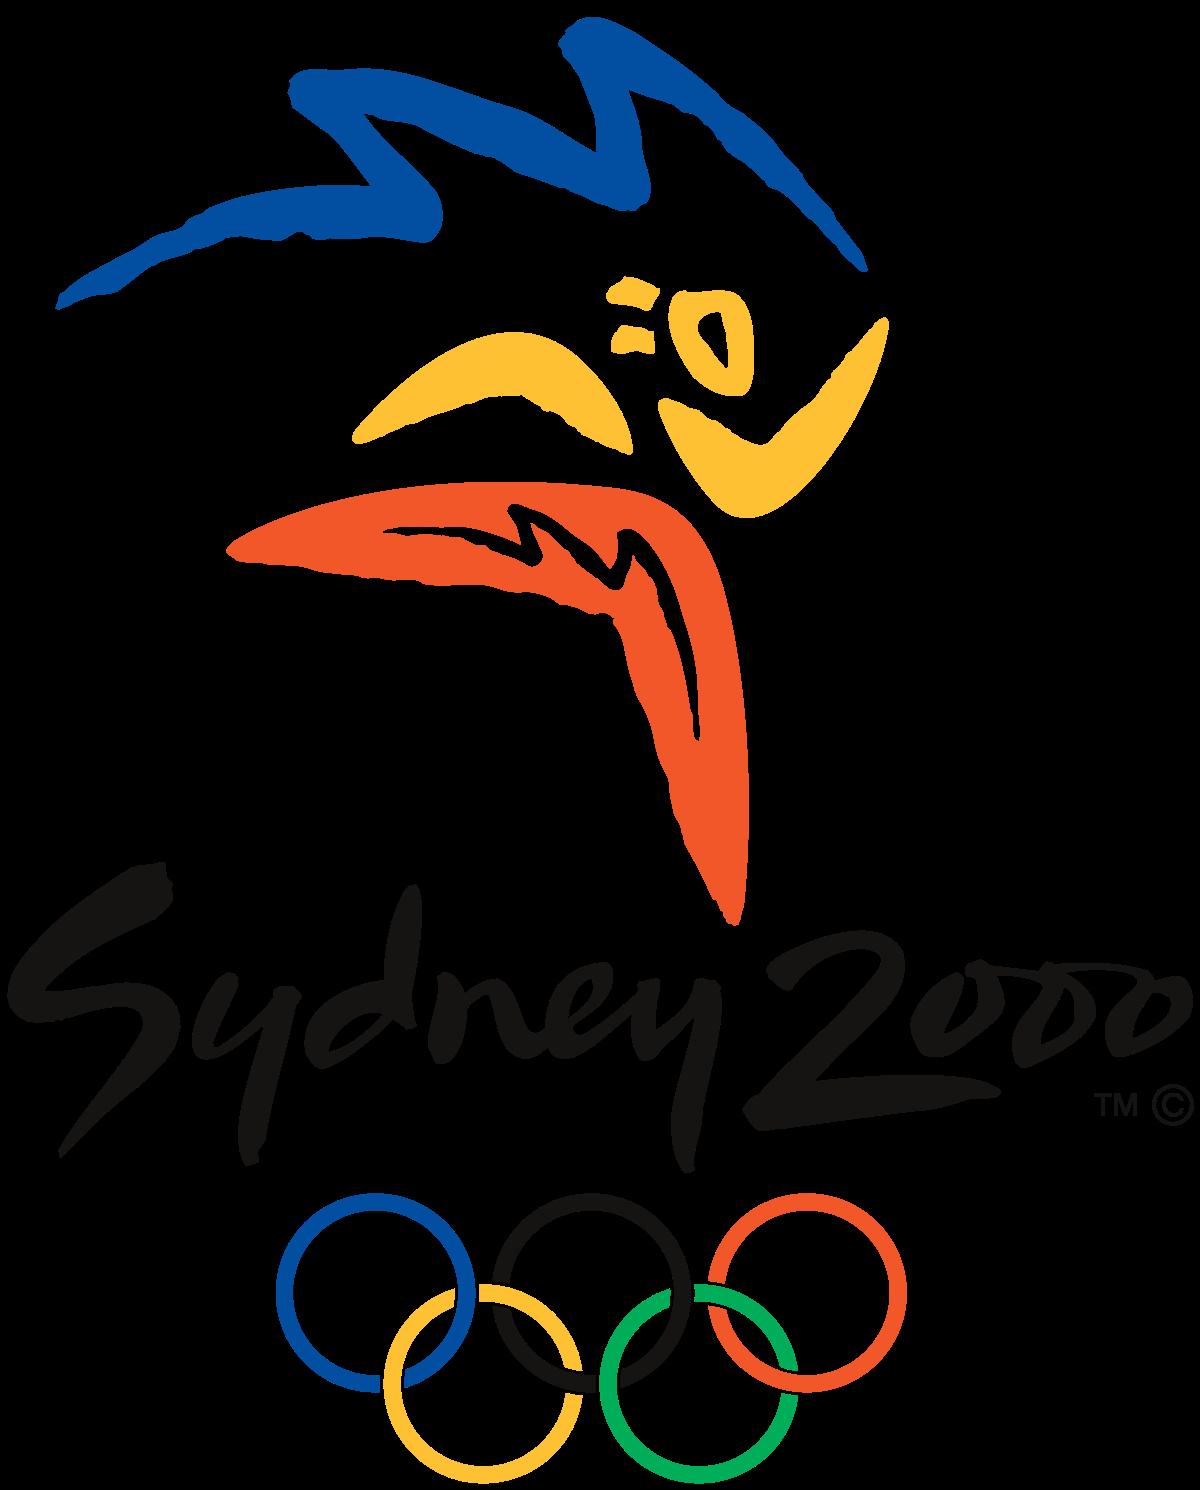 Image result for sydney 2000